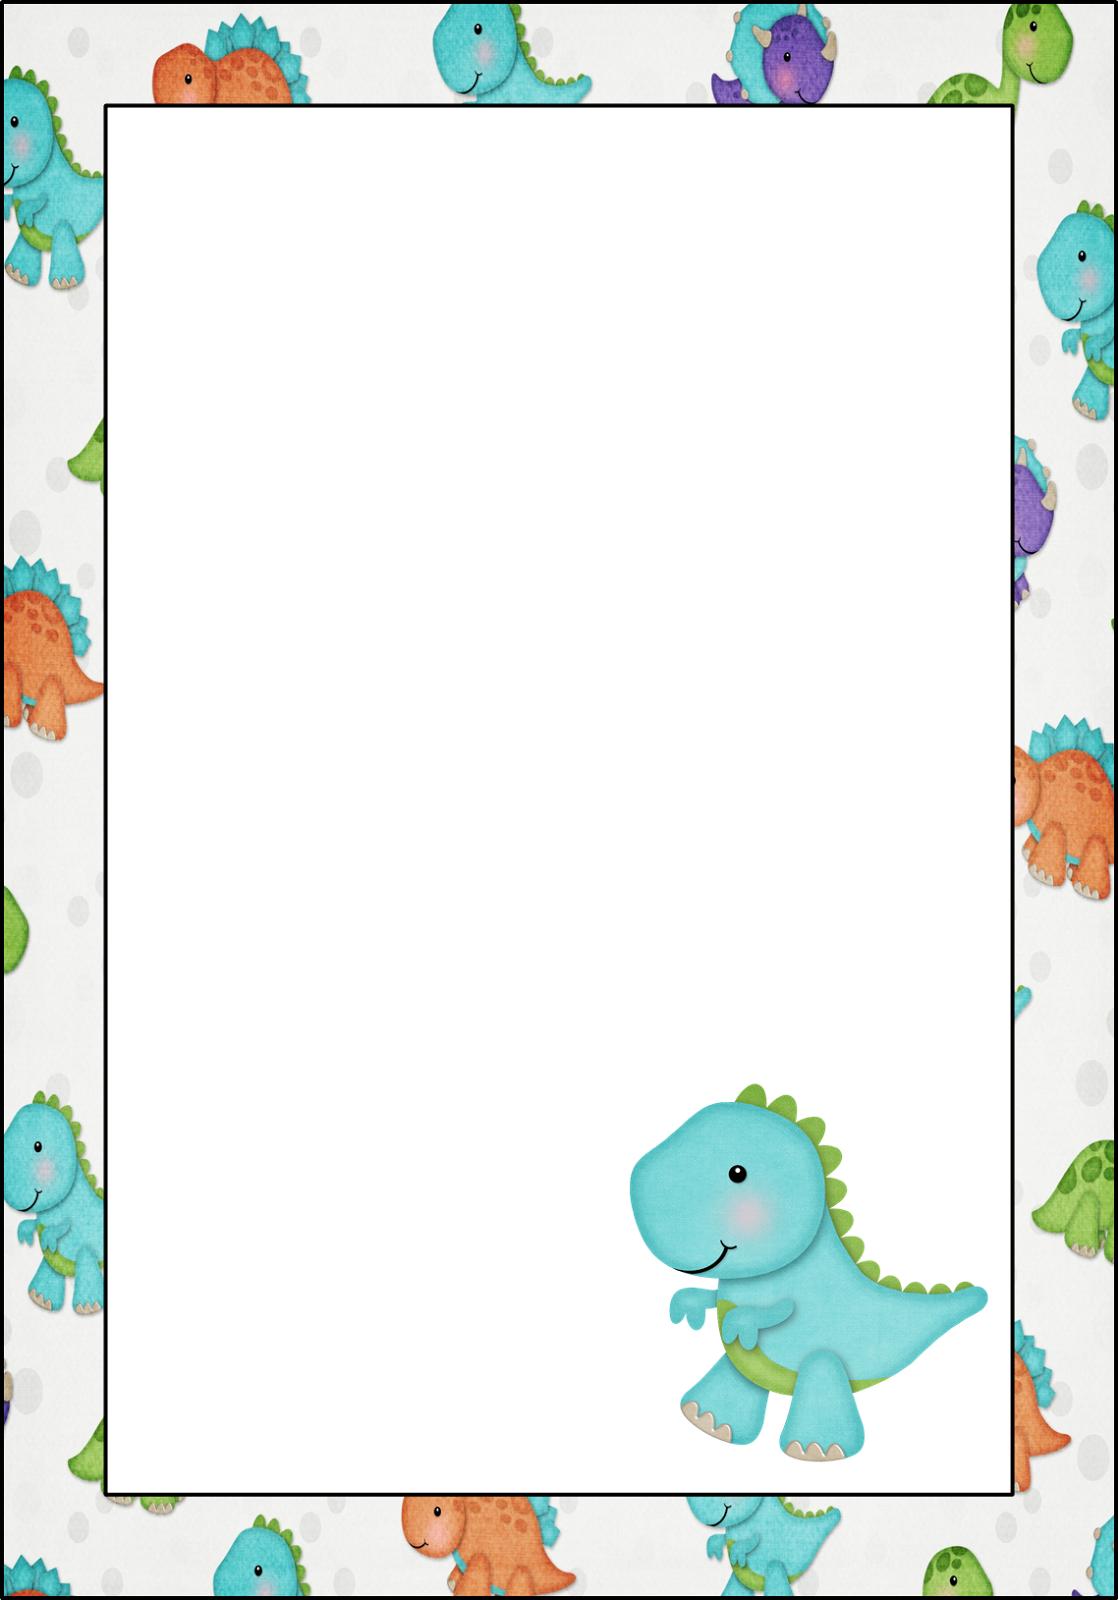 Marcos invitaciones tarjetas o etiquetas de dinosaurios - Marcos fotos bebes ...